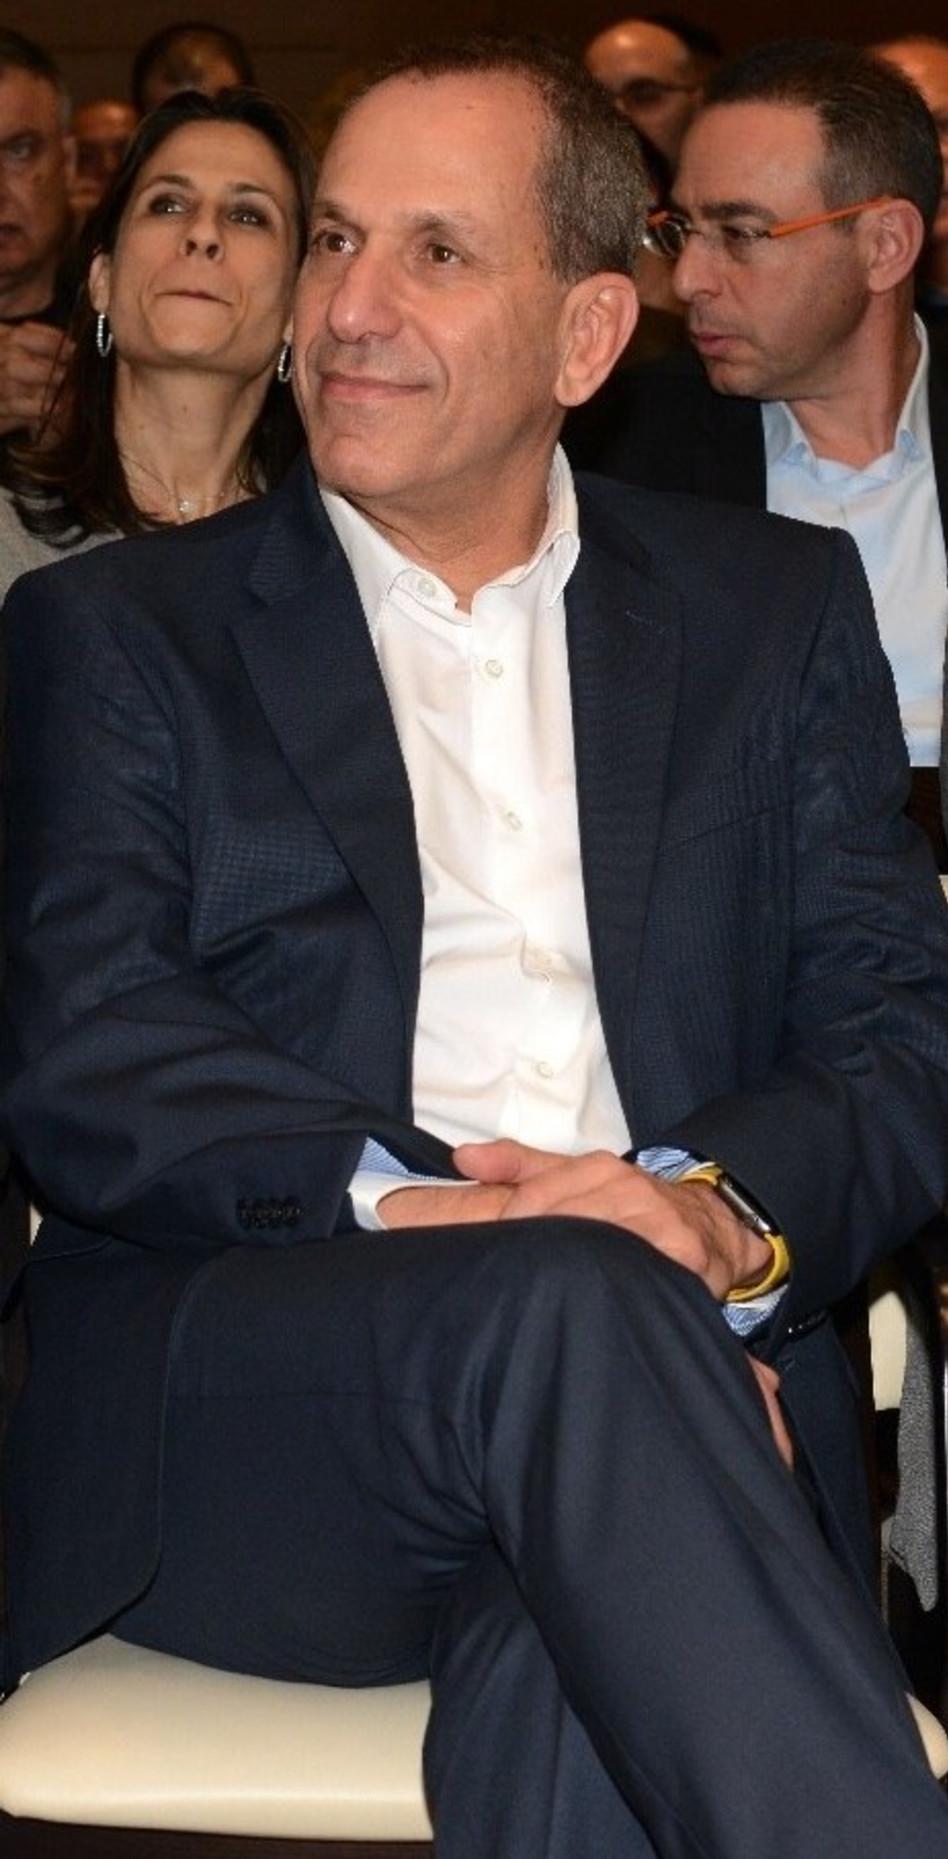 שמואל האוזר (צילום: רוני חכם)